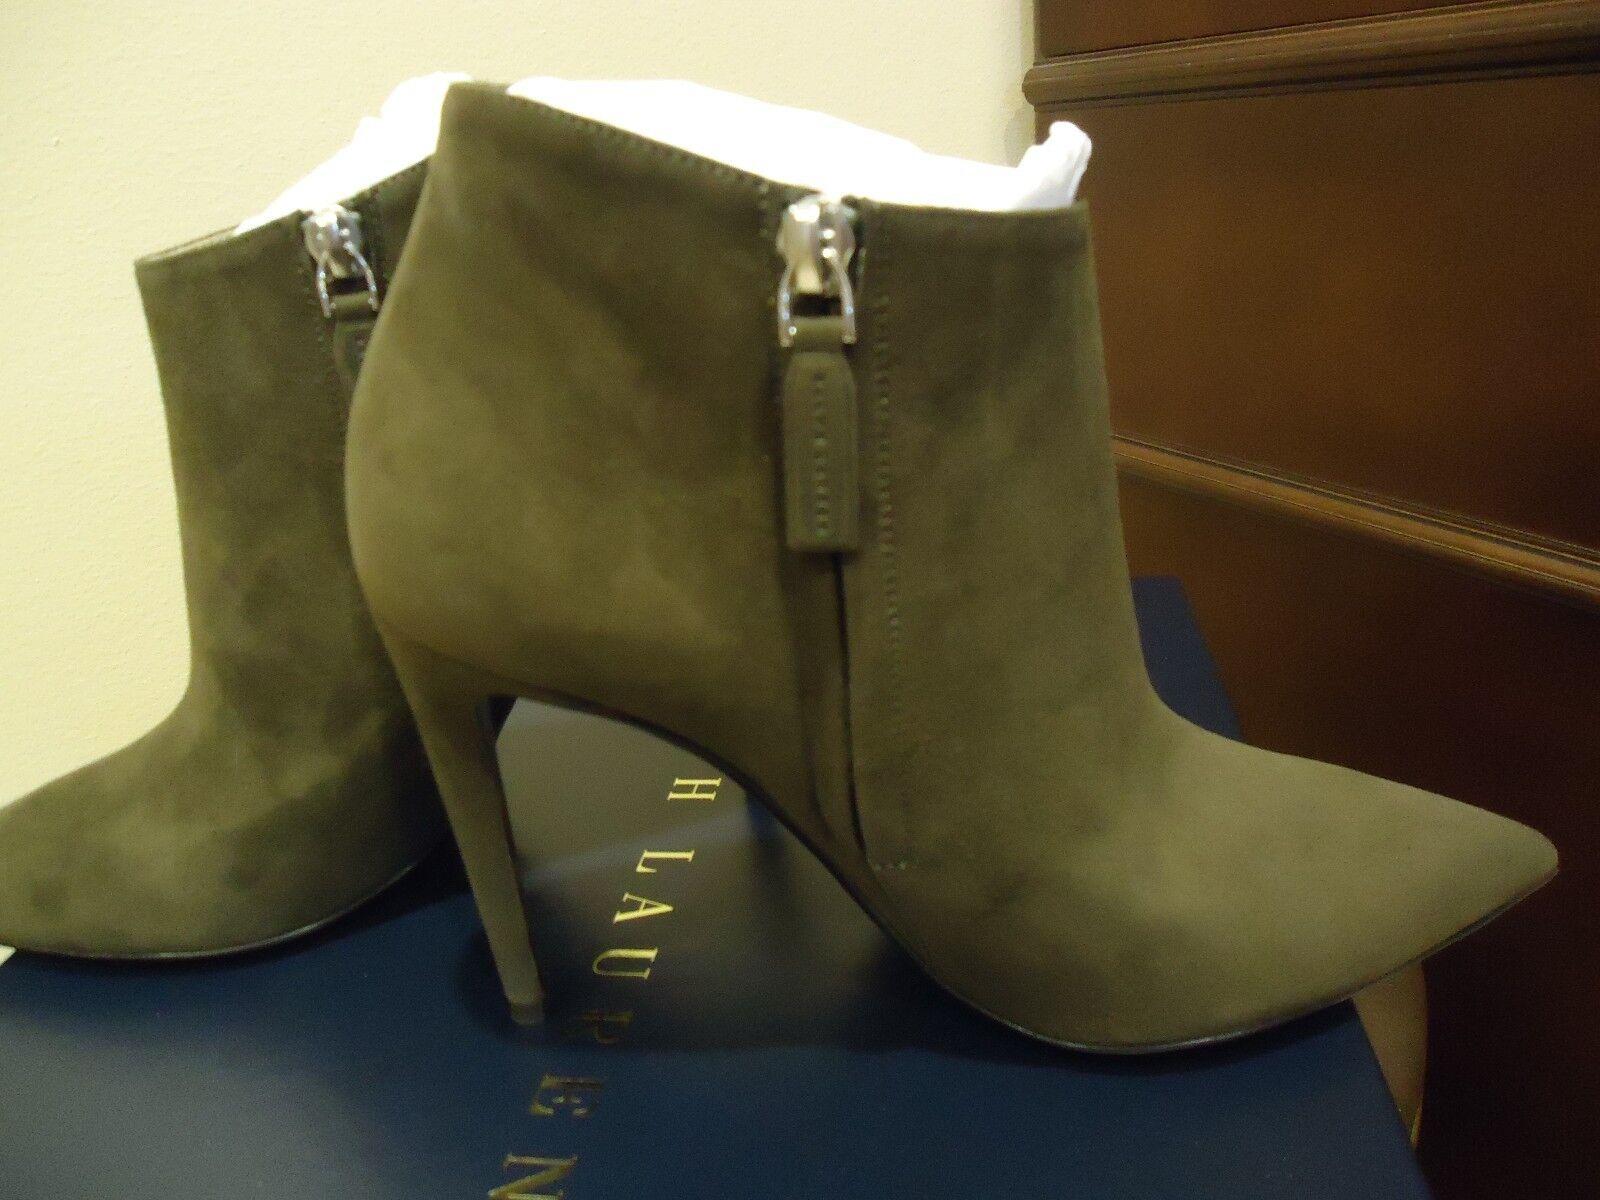 Nuevo En Caja  750 Ralph Lauren Lauren Lauren Collection tasella-Bo-Drs Loden kidsuede botas talla 39 61ac79